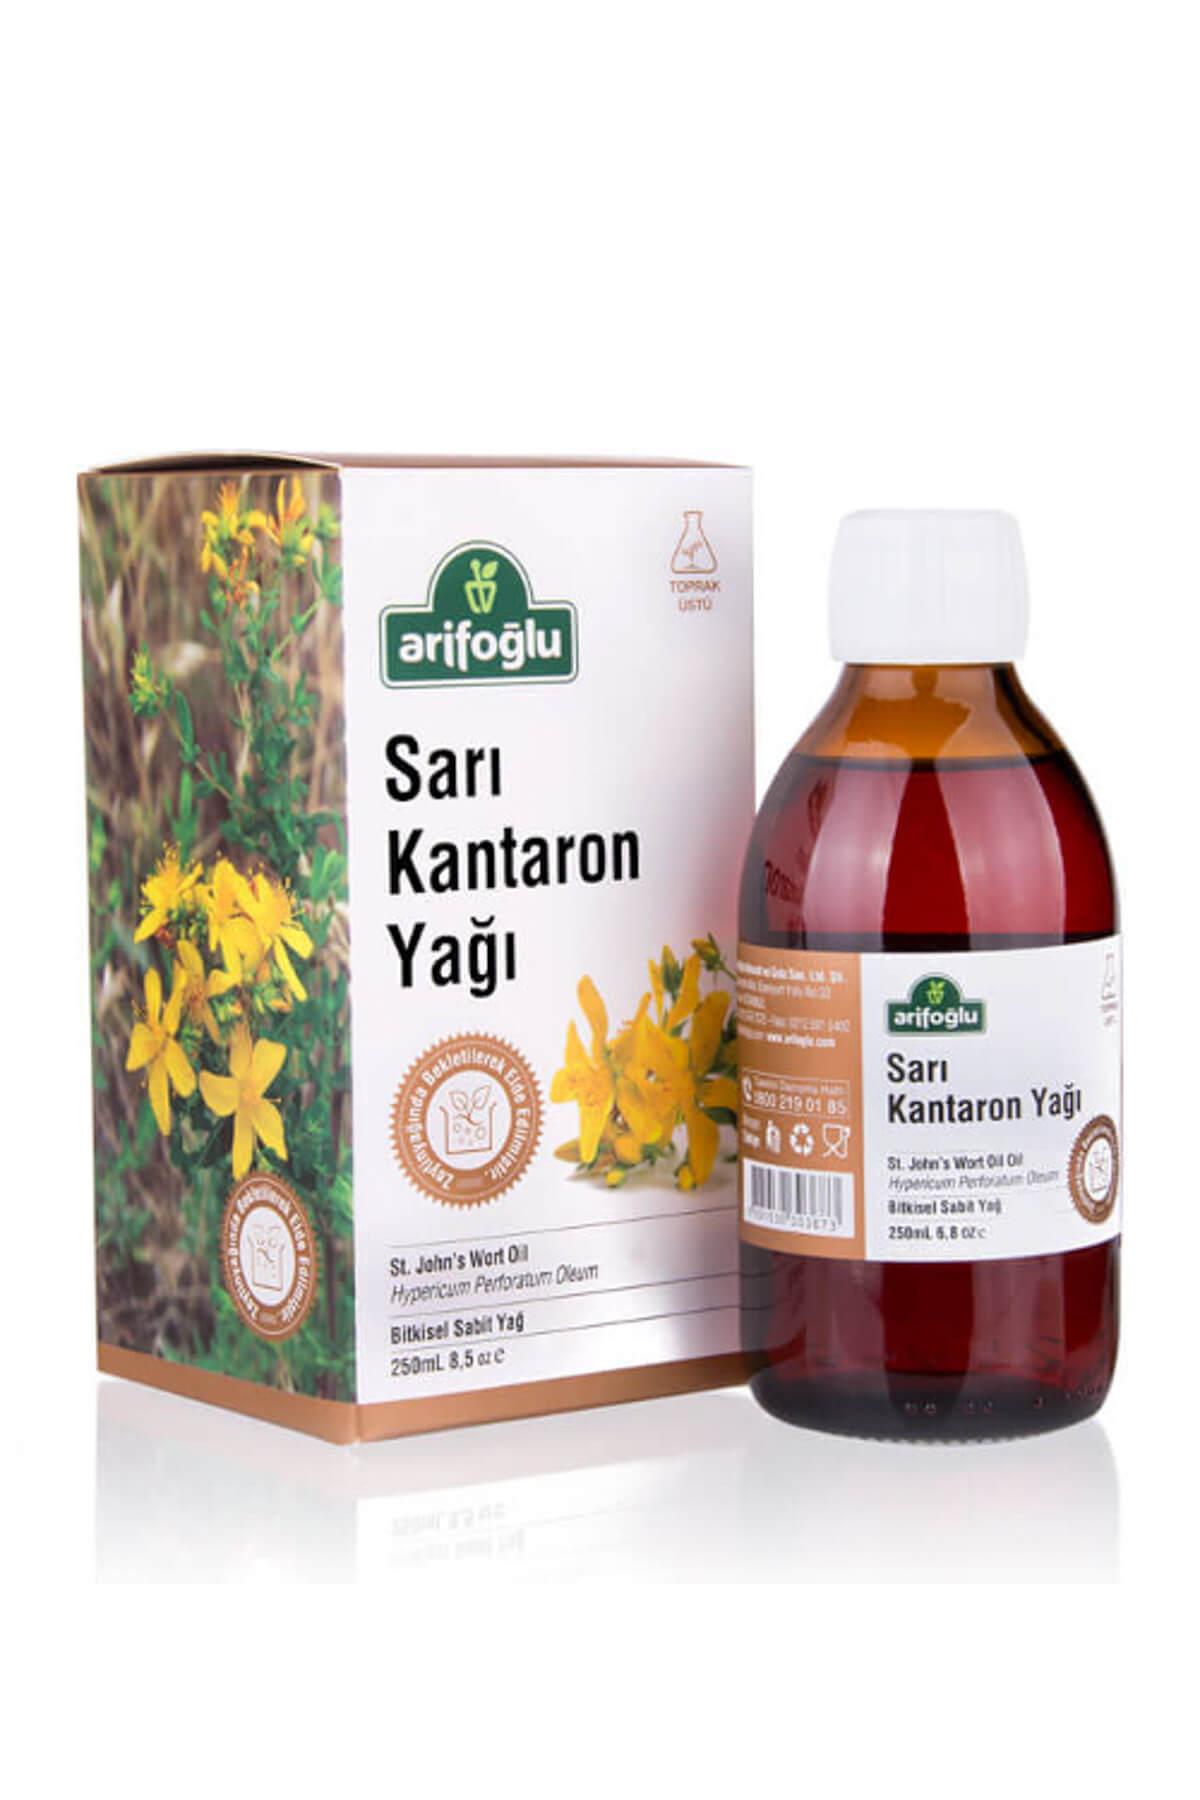 Sarı Kantaron Nedir? Sarı Kantaron Çayı Nasıl Hazırlanır?